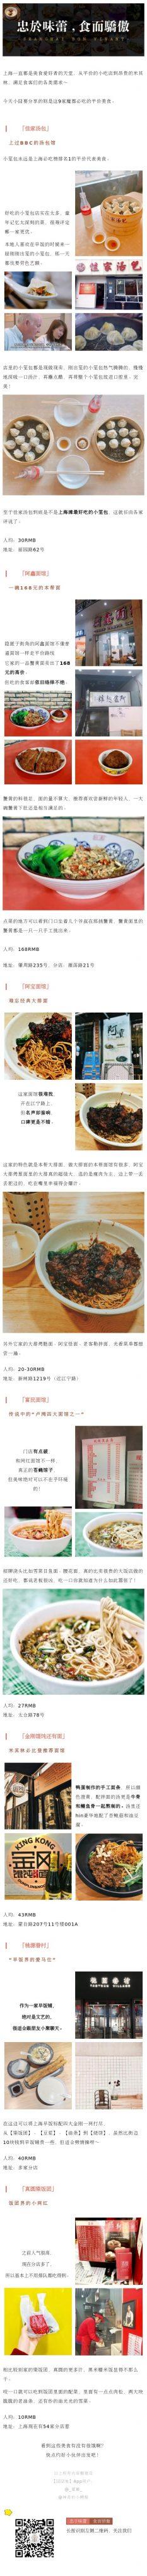 暖色米其林小吃店美食介绍微信公众号文章模板